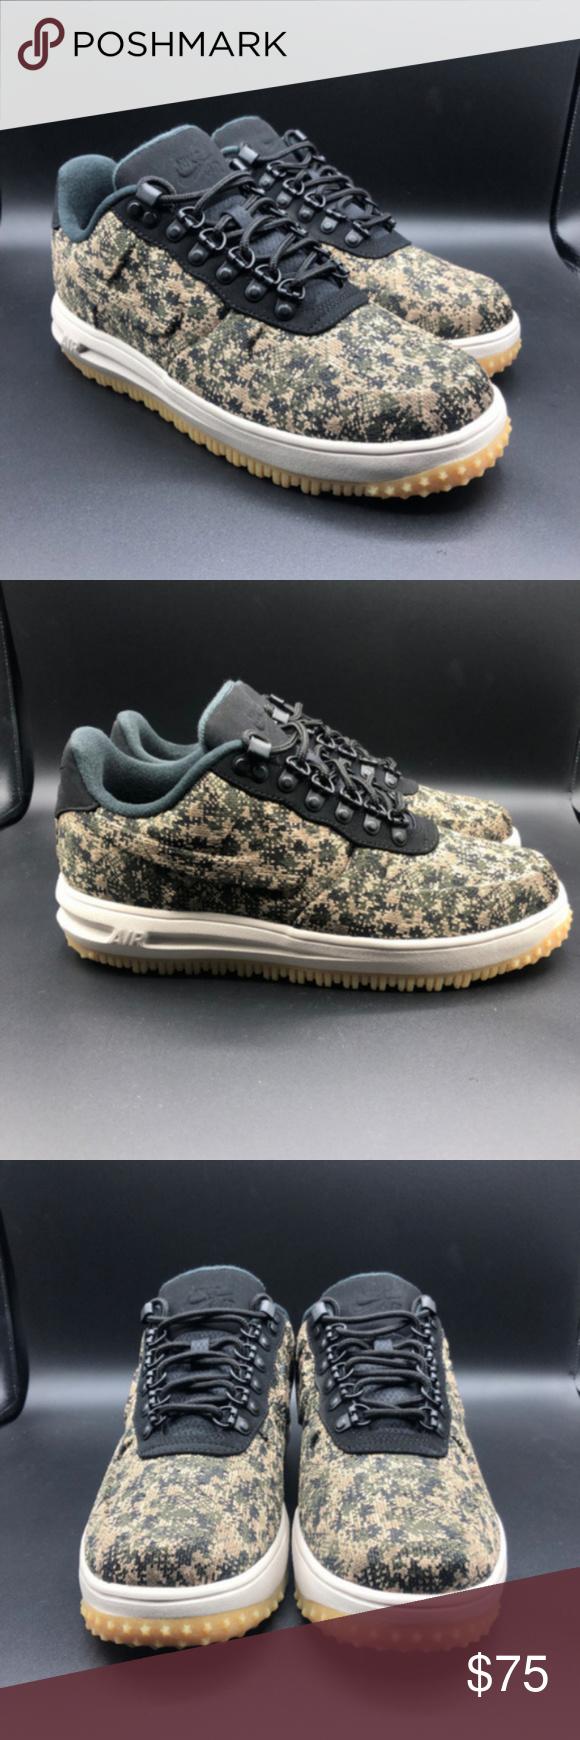 Nike Men's LF1 Duckboot Low Casual Shoe